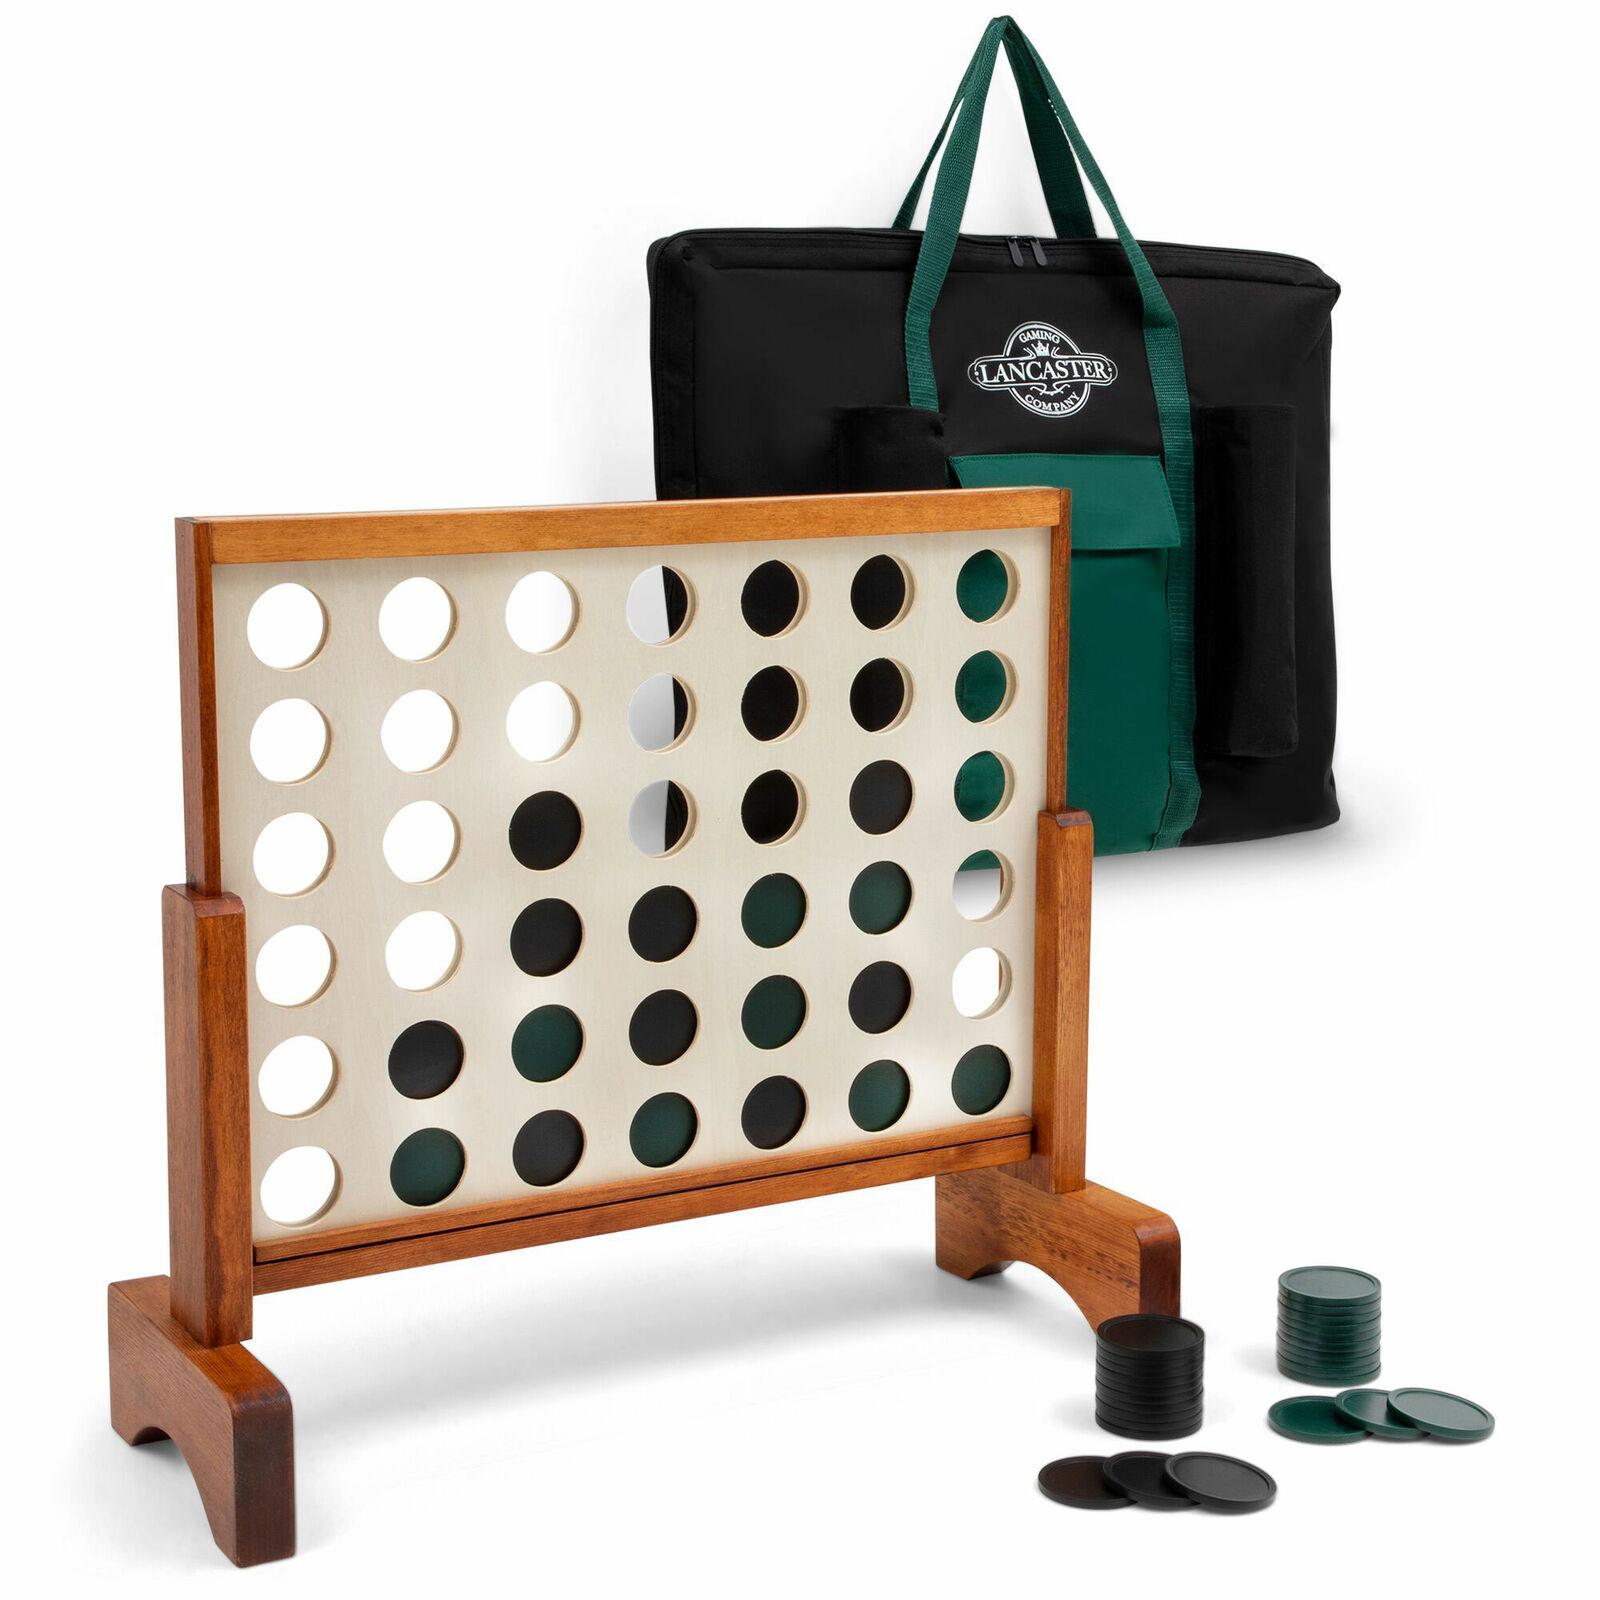 Lancaster Gaming Company 3 FT (environ 0.91 m) 4 in (environ 10.16 cm) une rangée en bois extérieur jeu avec sac de transport